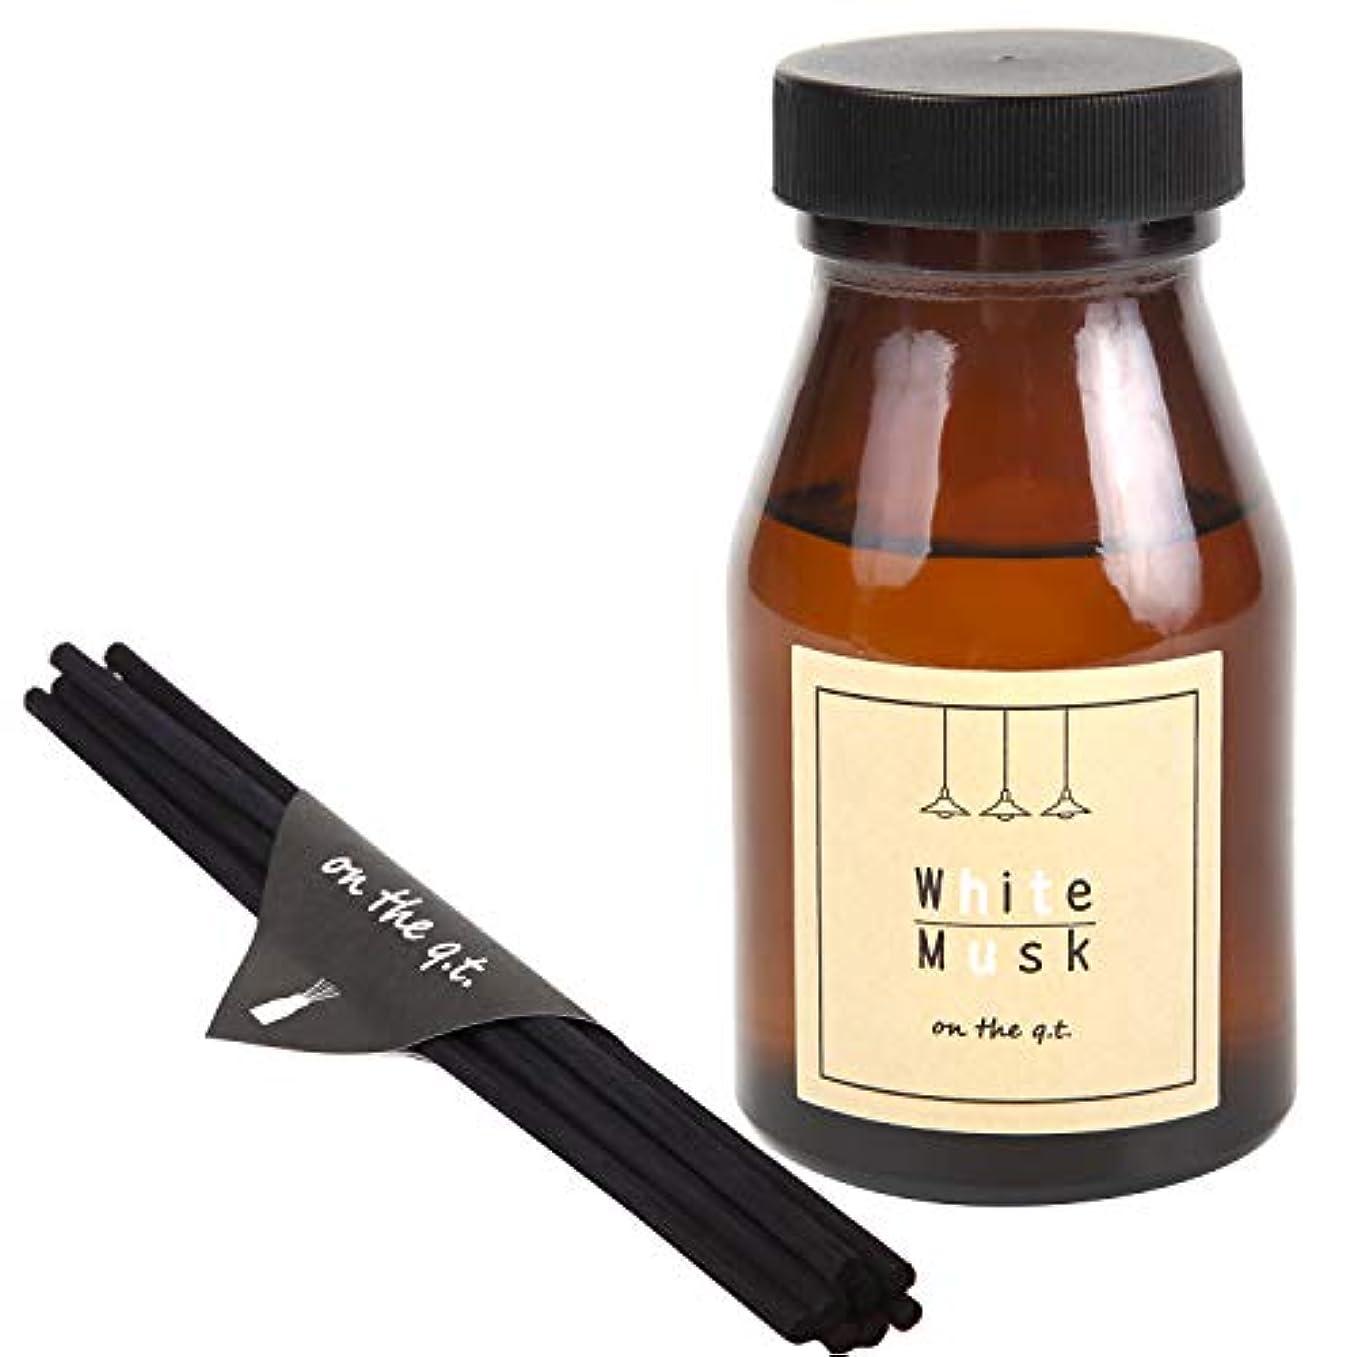 会計整理するピカリングオンザキューティ ホワイトムスク リードディフューザー 芳香剤 ルームフレグランス 140ml